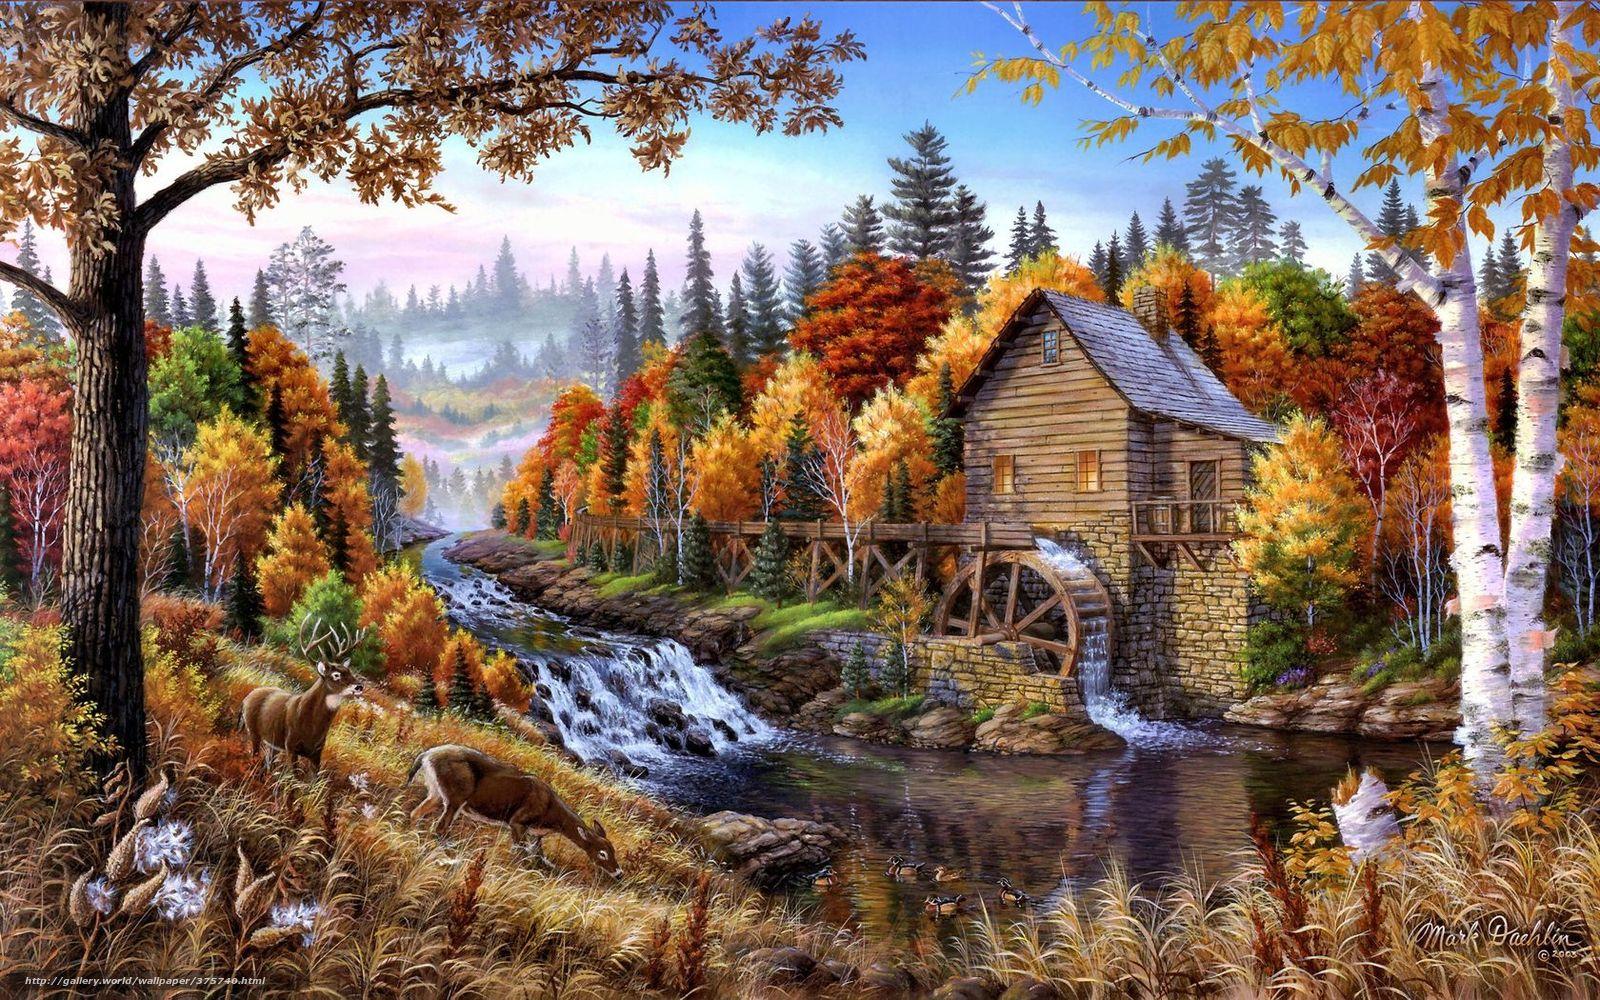 Scaricare gli sfondi paesaggio autunno fiume alberi for Sfondi desktop autunno